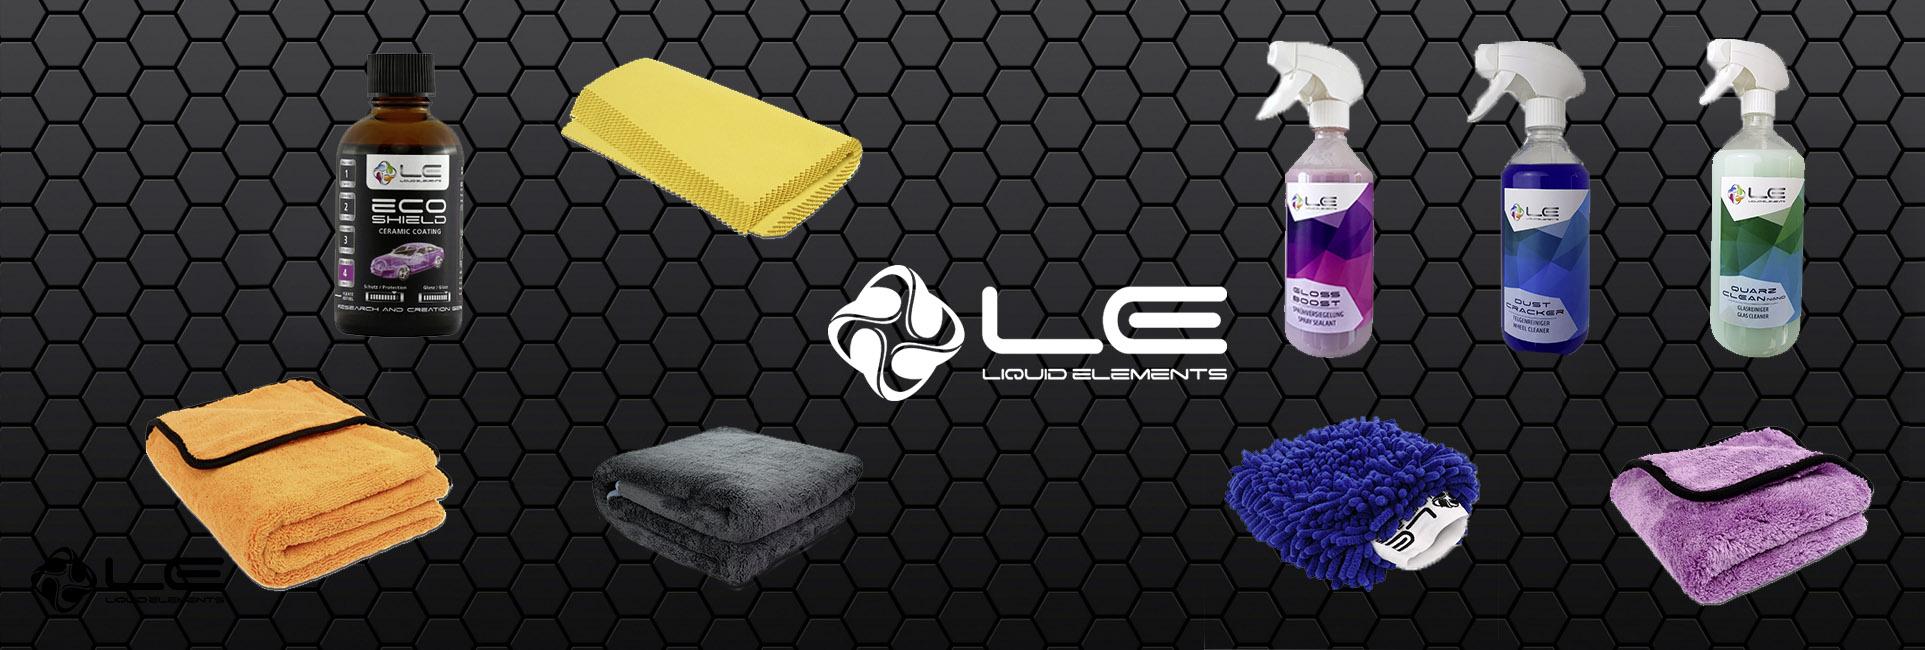 Liquid Elements , Passende Fahrzeugpflege für dein Auto!